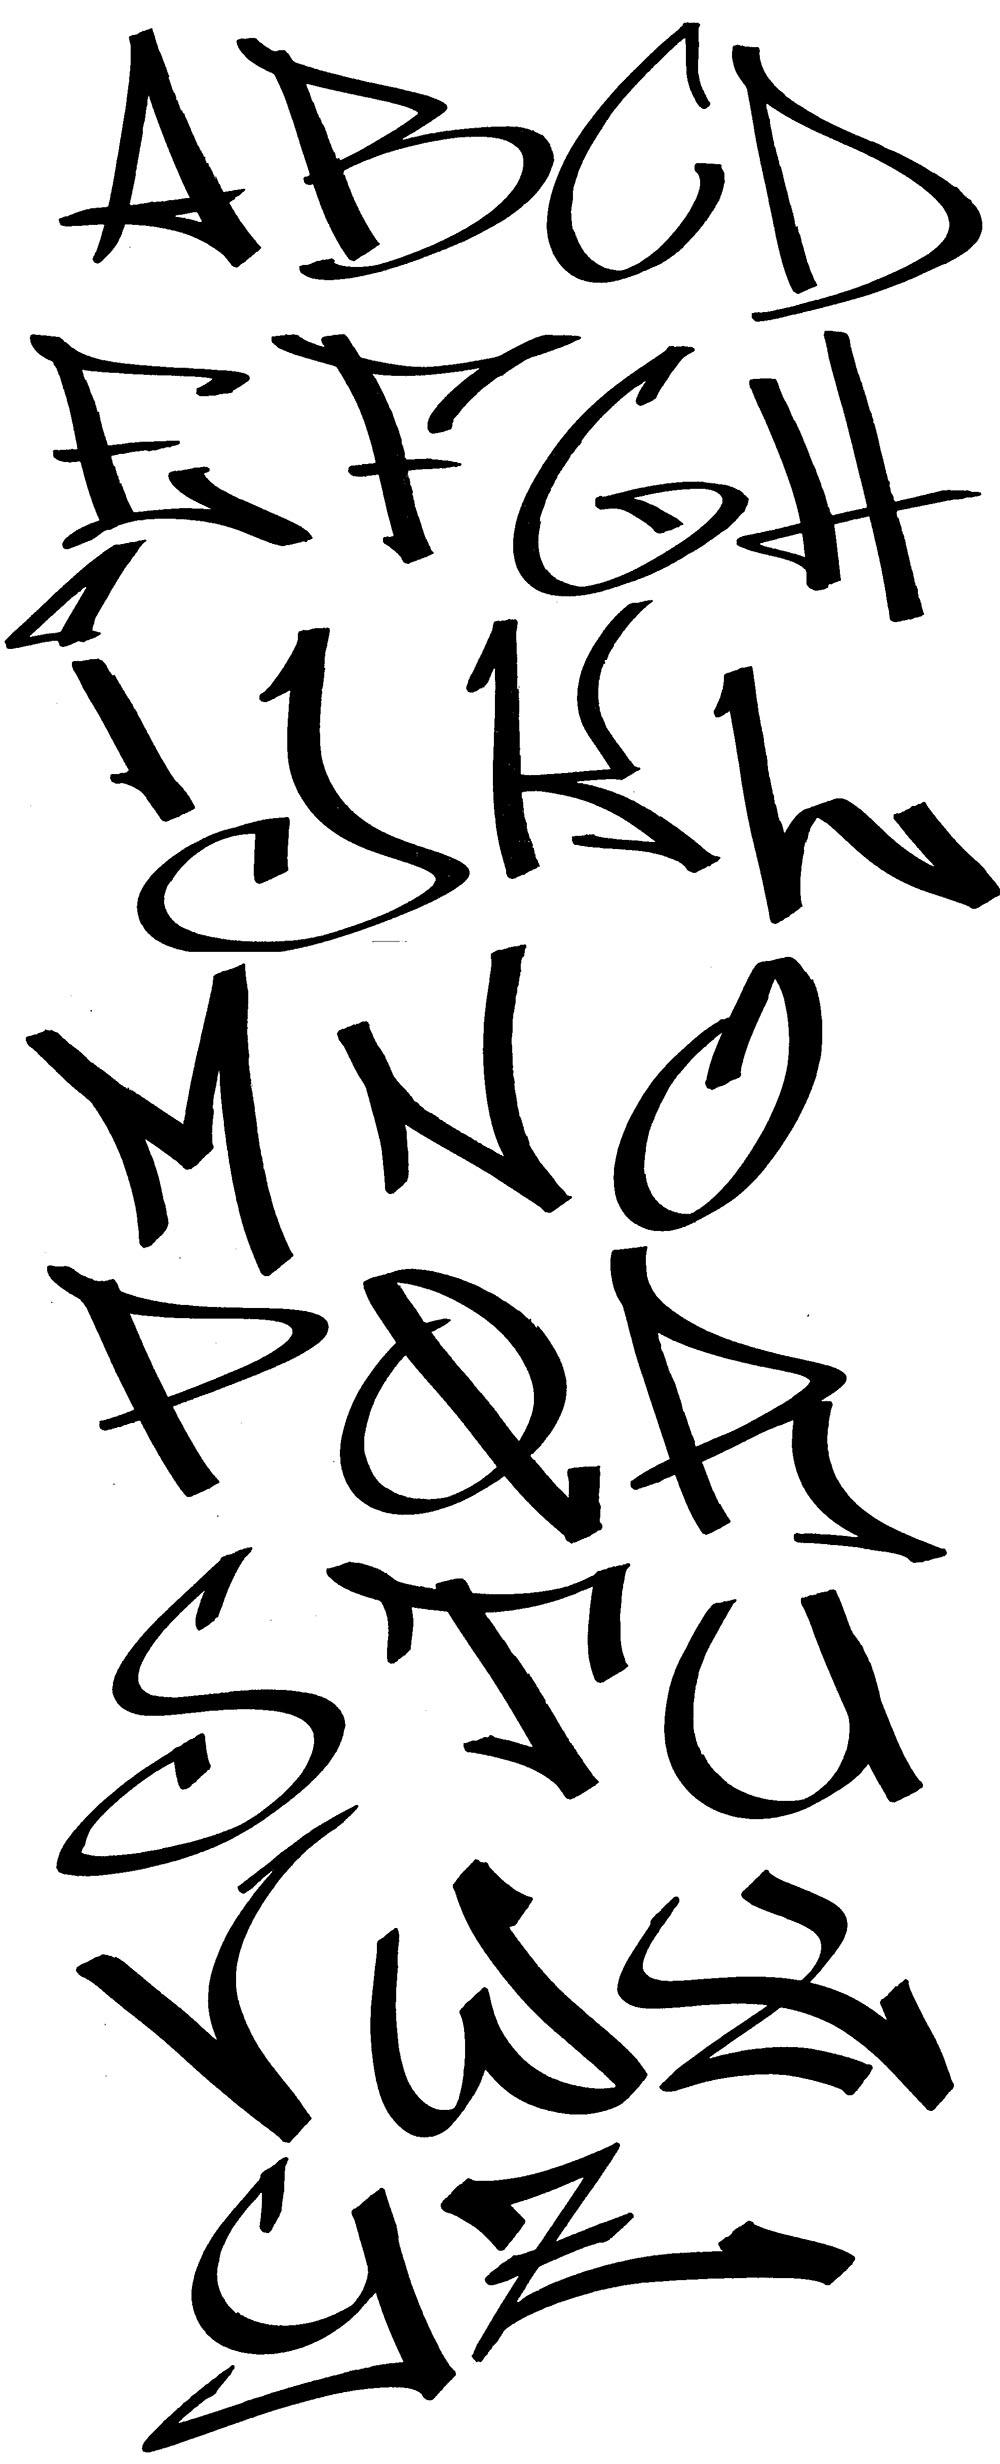 Graffiti Tutorial: Taggen Für Anfänger – Tag-Alphabet | Spraybar mit Graffiti Schriftarten Abc